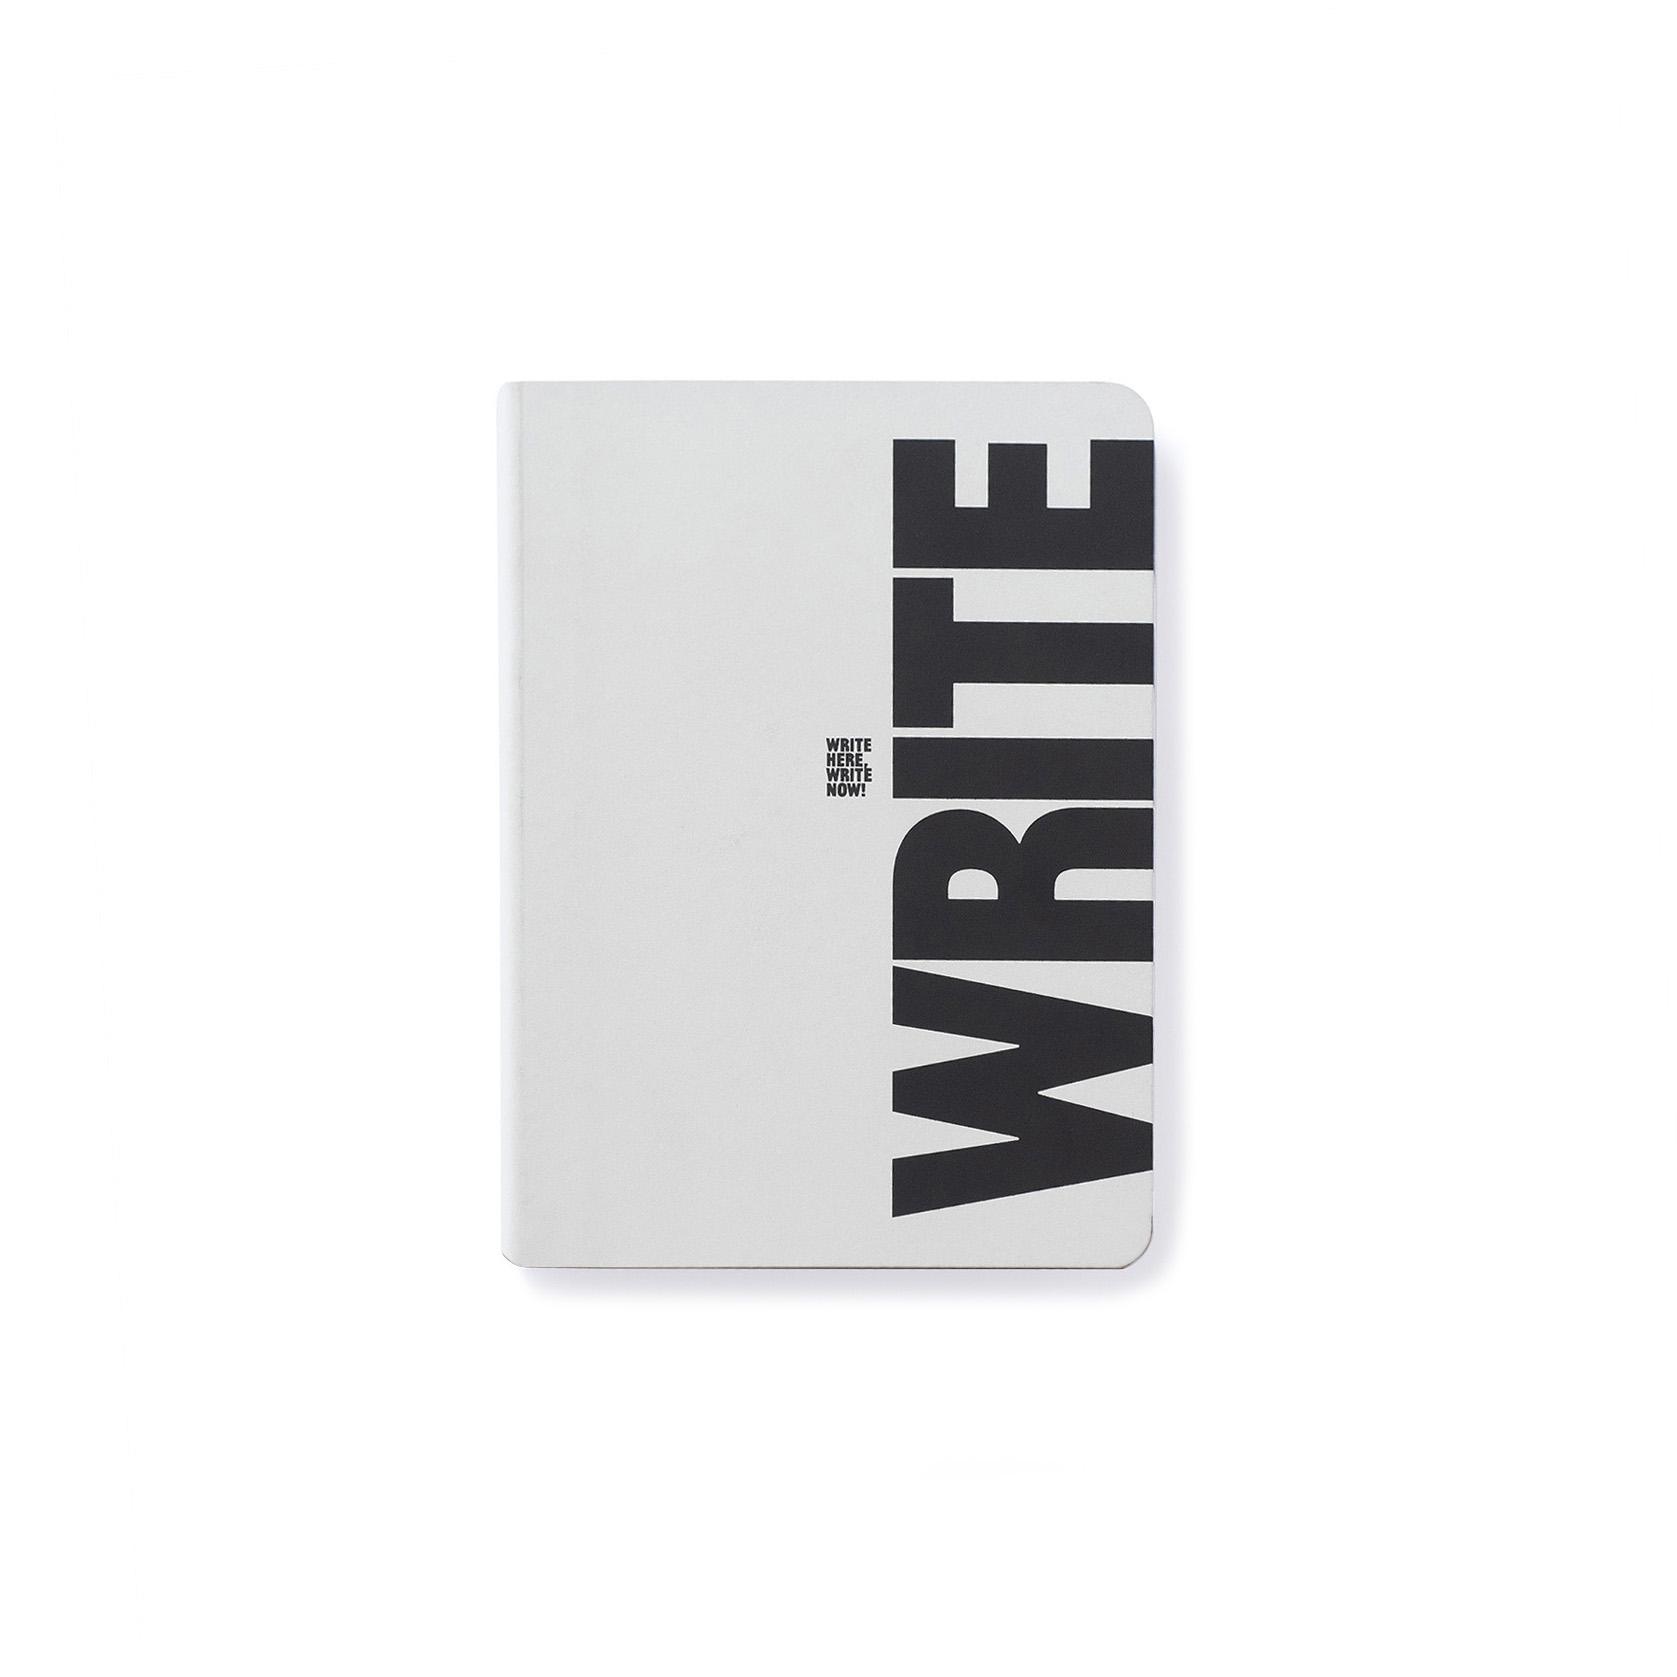 LIBRETA WRITE - WRONG